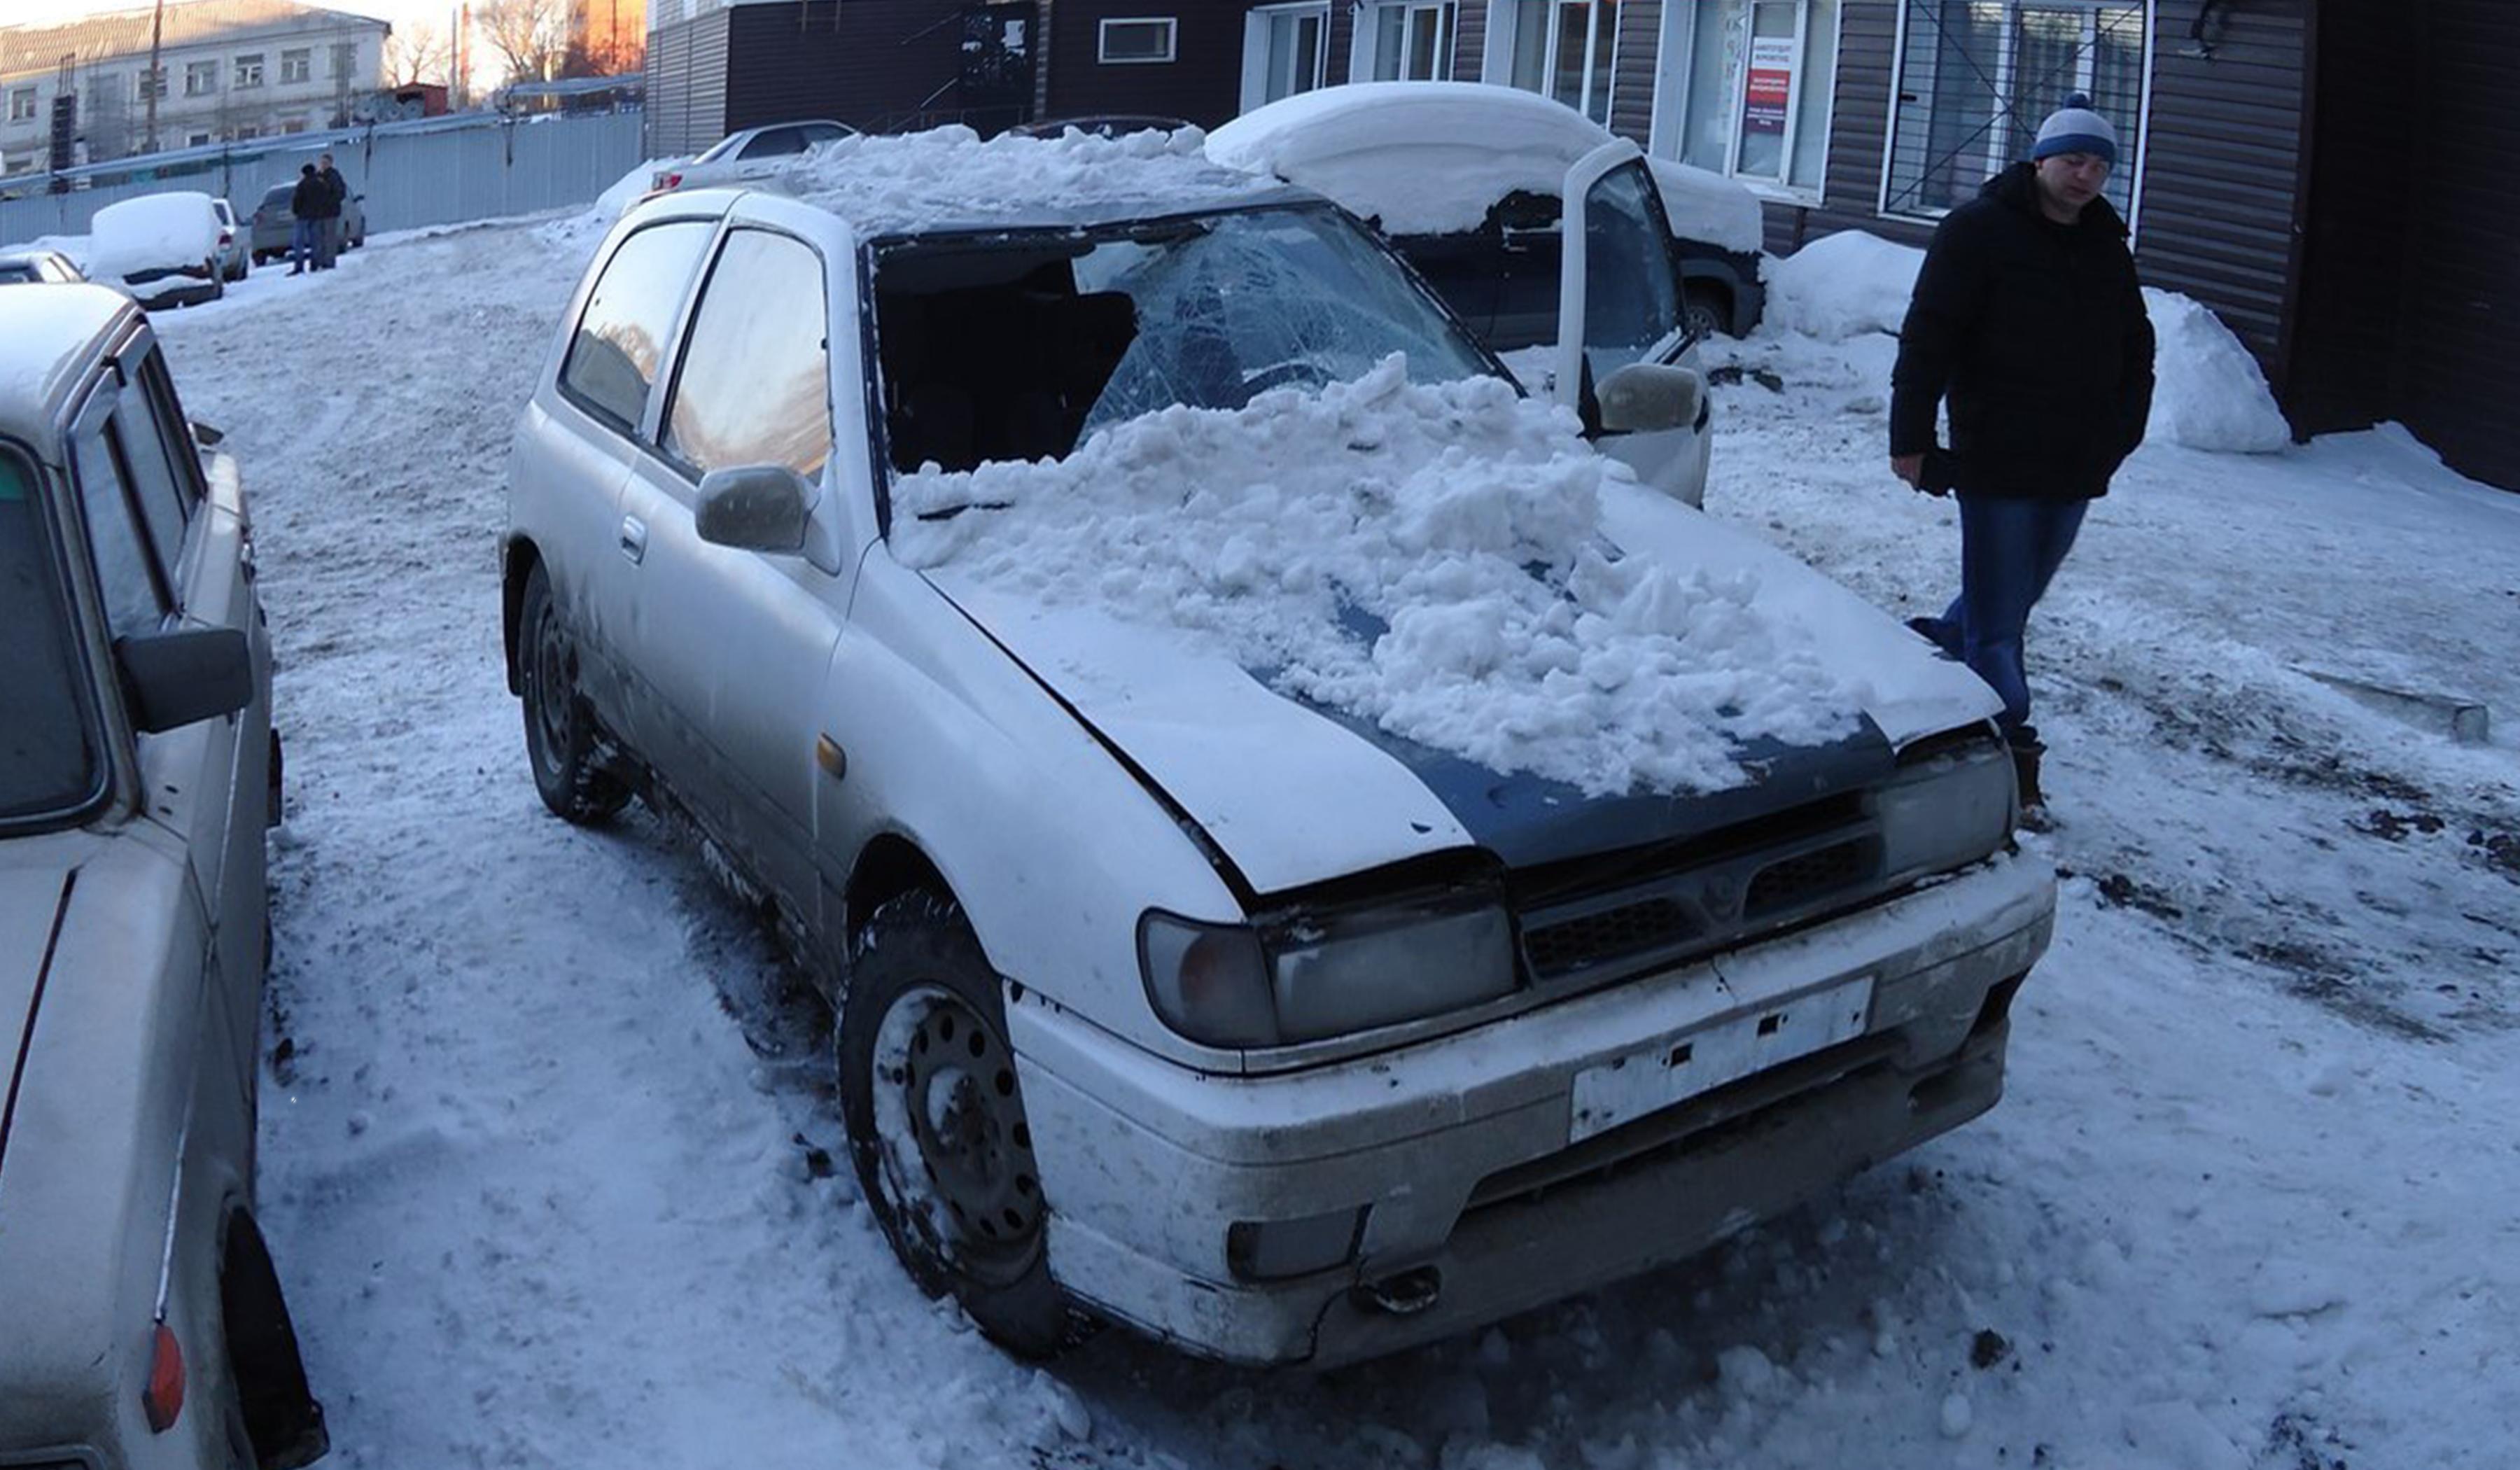 Снег упал на машину